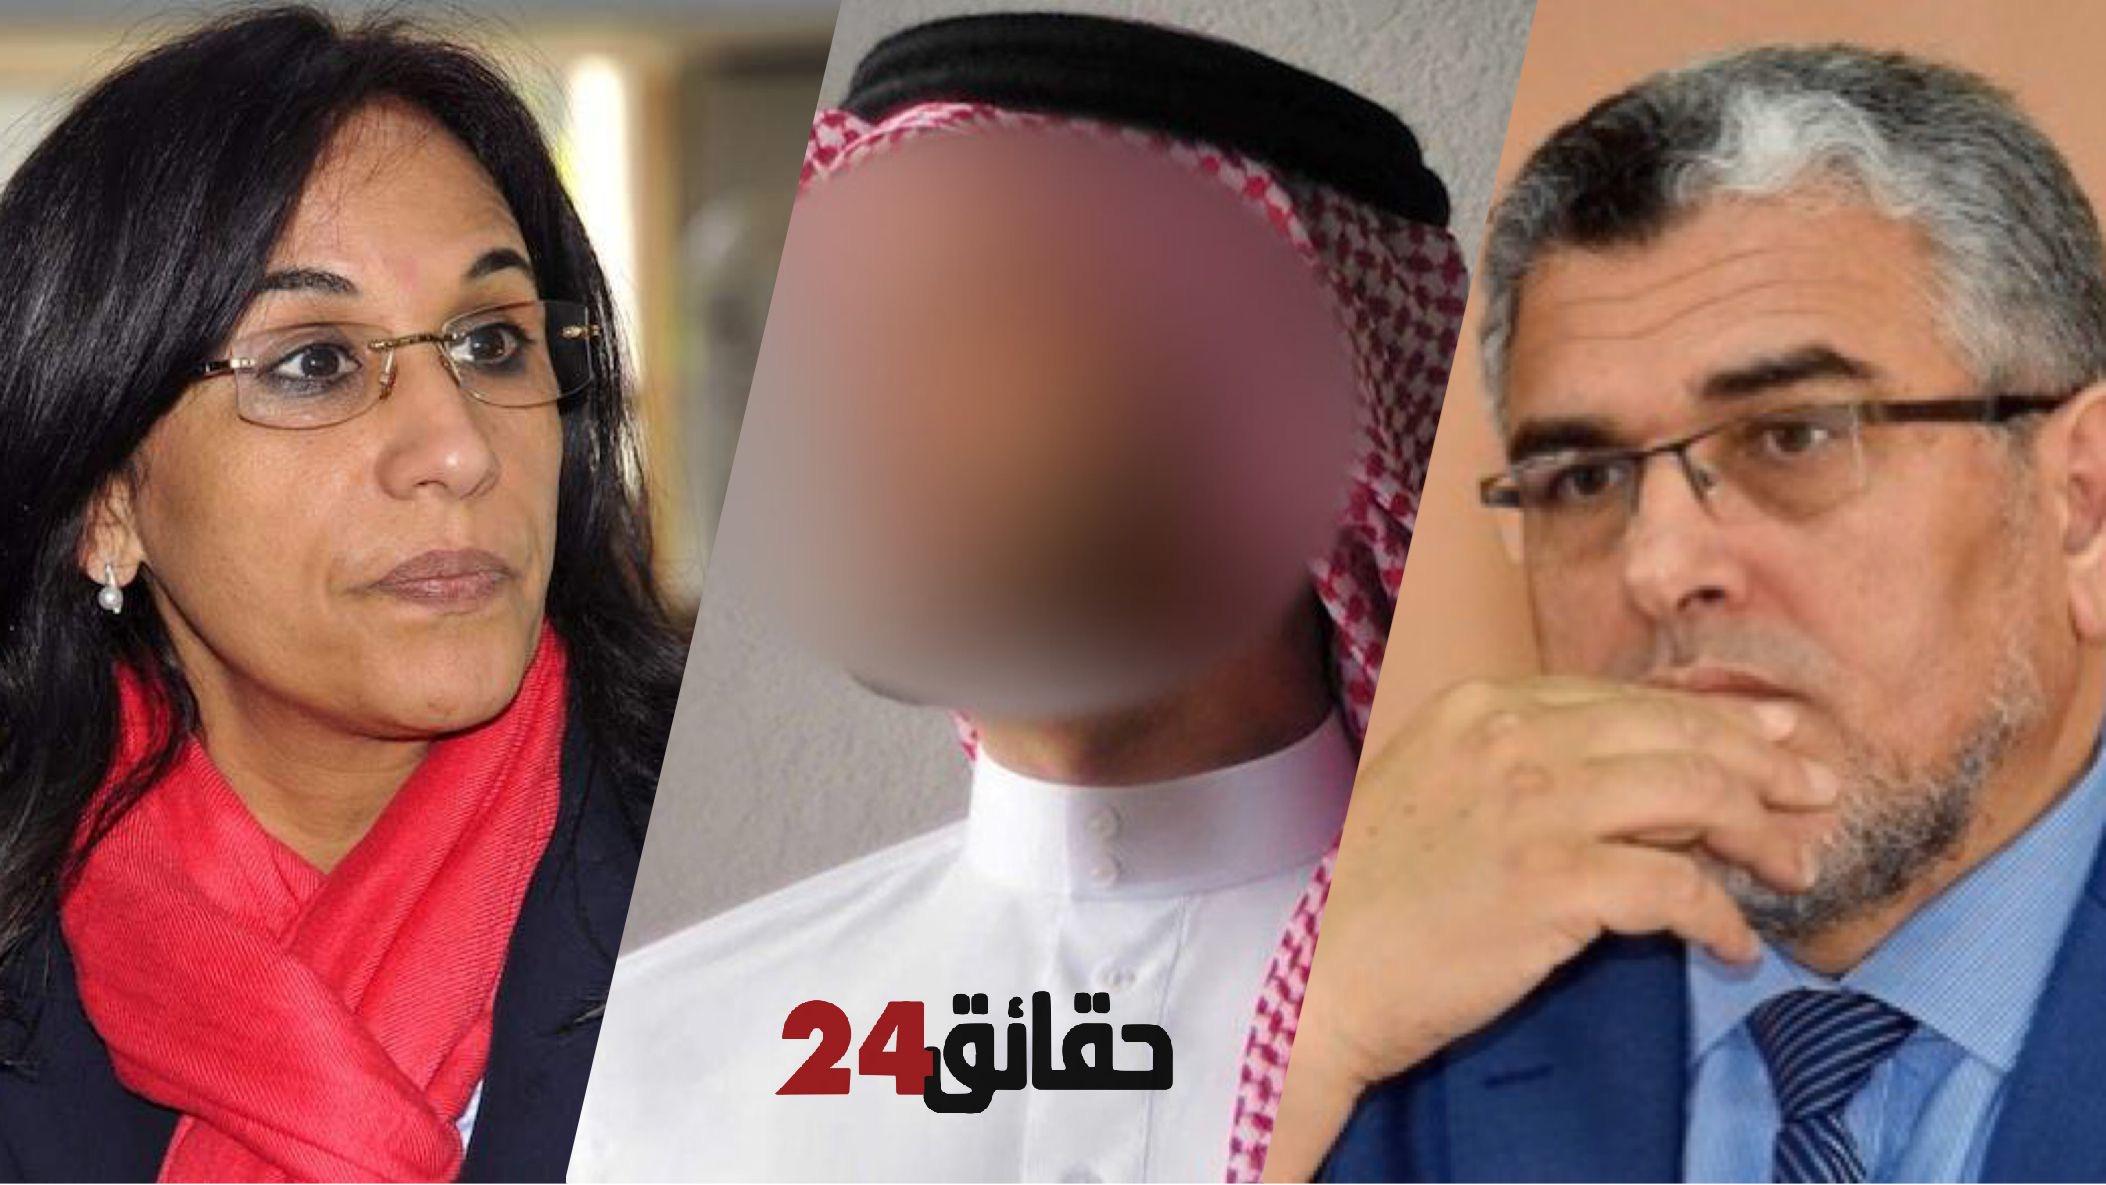 """صورة الرميد و بوعياش في قلب الغضب الحقوقي بعد فرار """"البيدوفيل"""" الكويتي"""